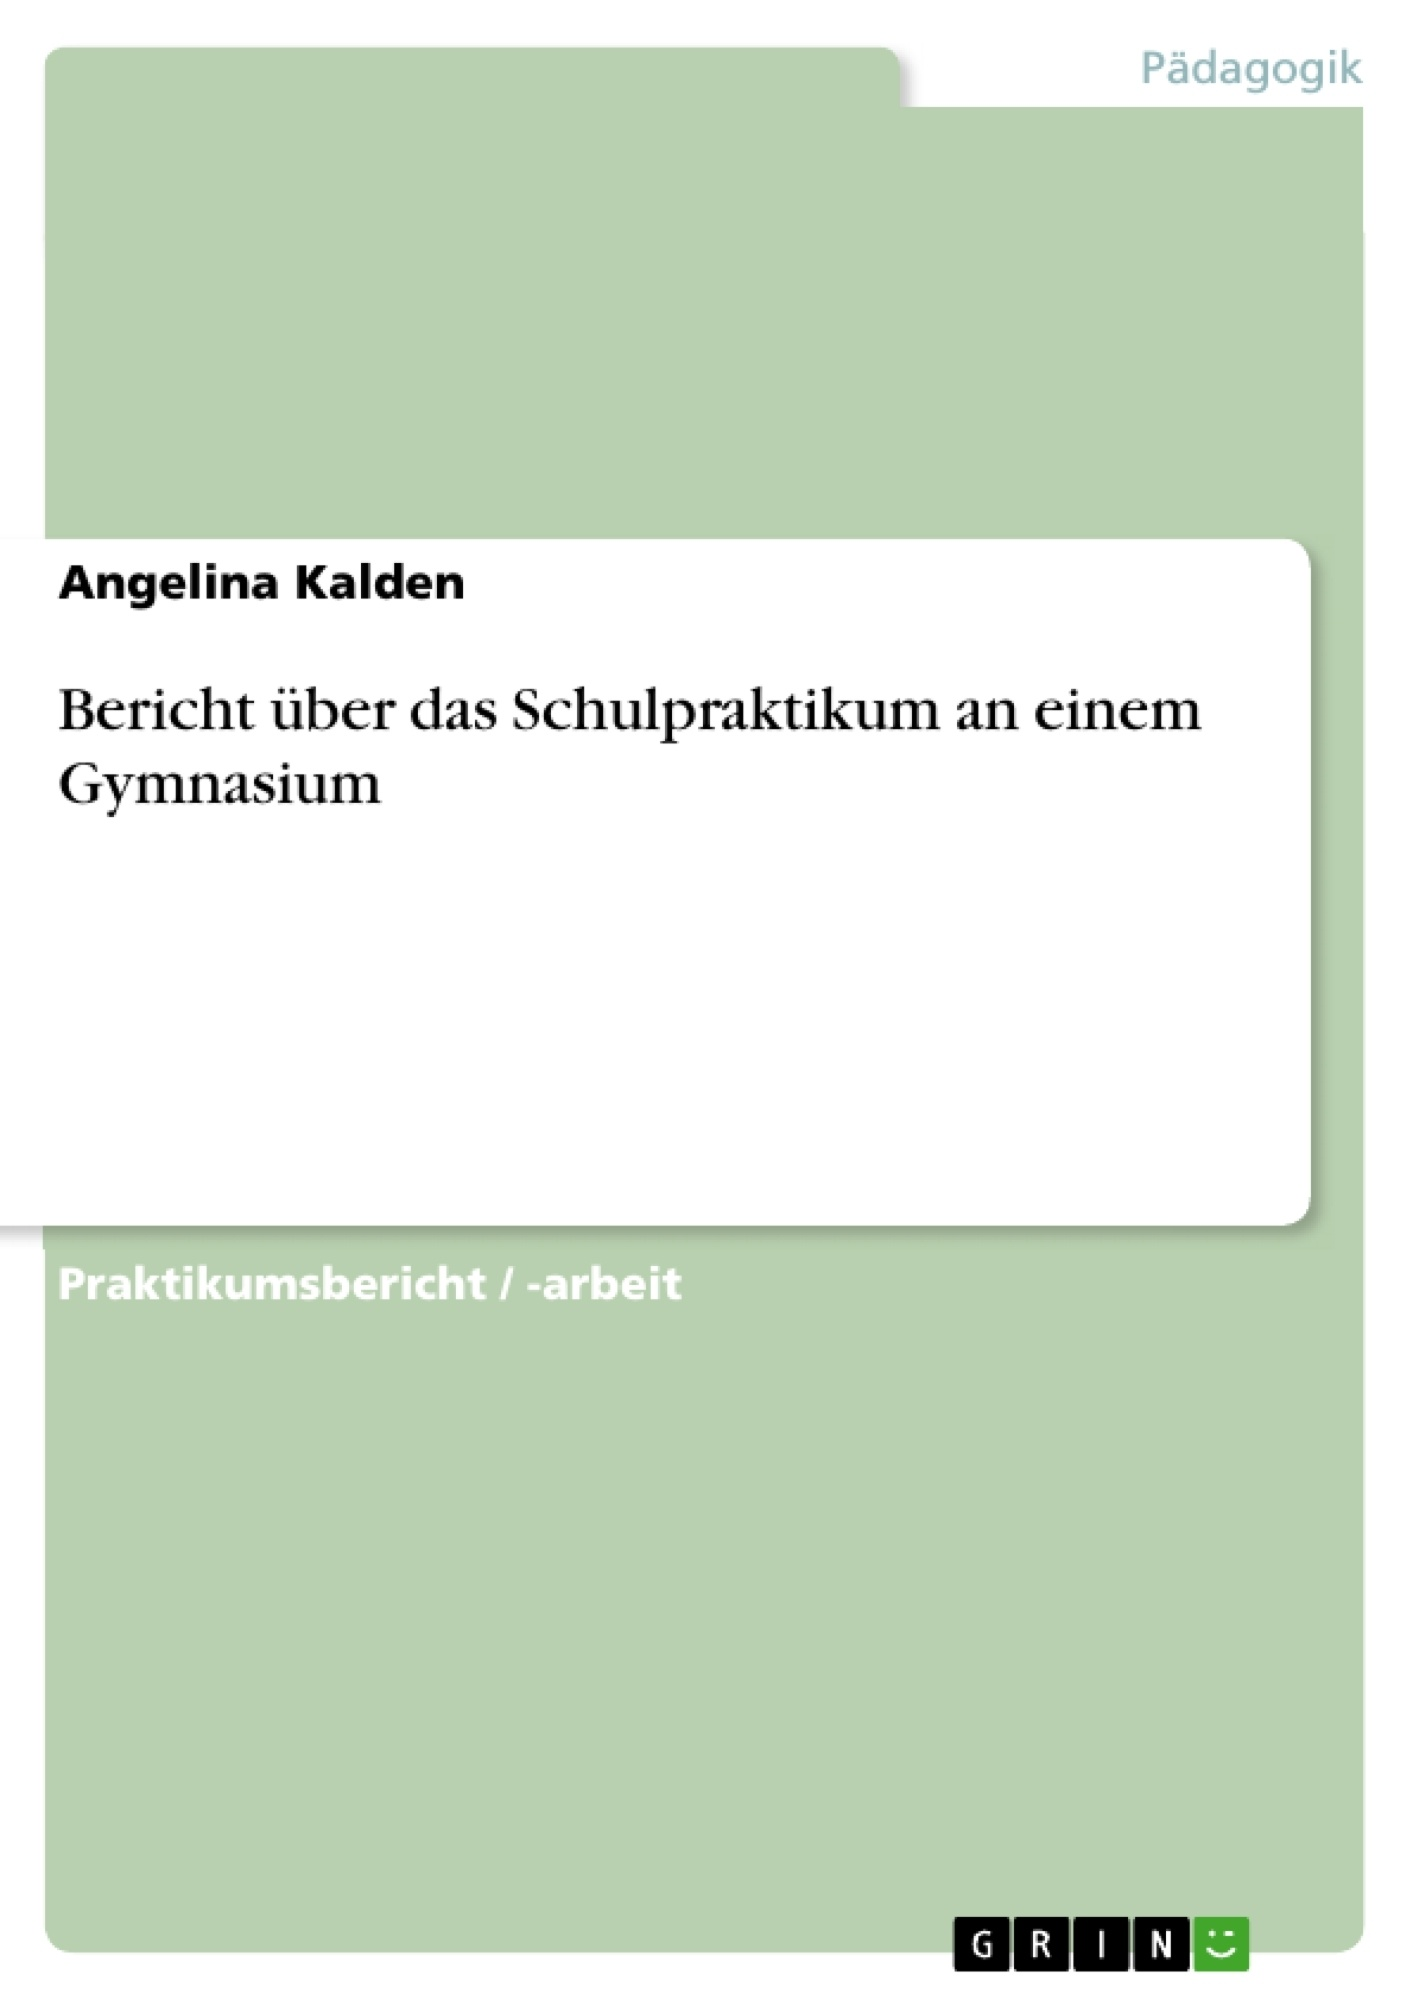 Titel: Bericht über das Schulpraktikum an einem Gymnasium